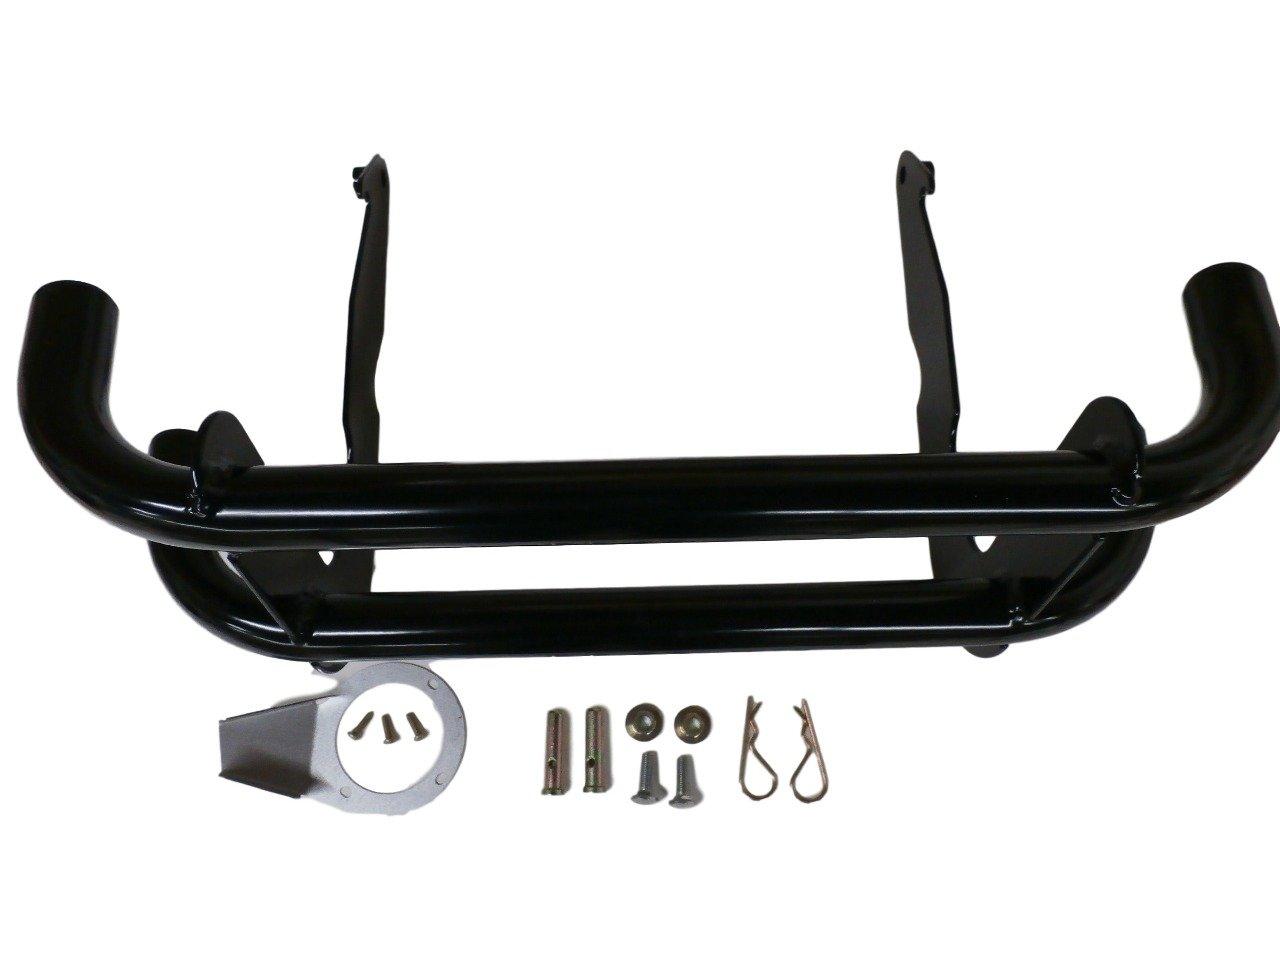 John Deere Front Metal Bumper LX255 LX277 GT225 GT235 LX279 LX288 LX280 GT245